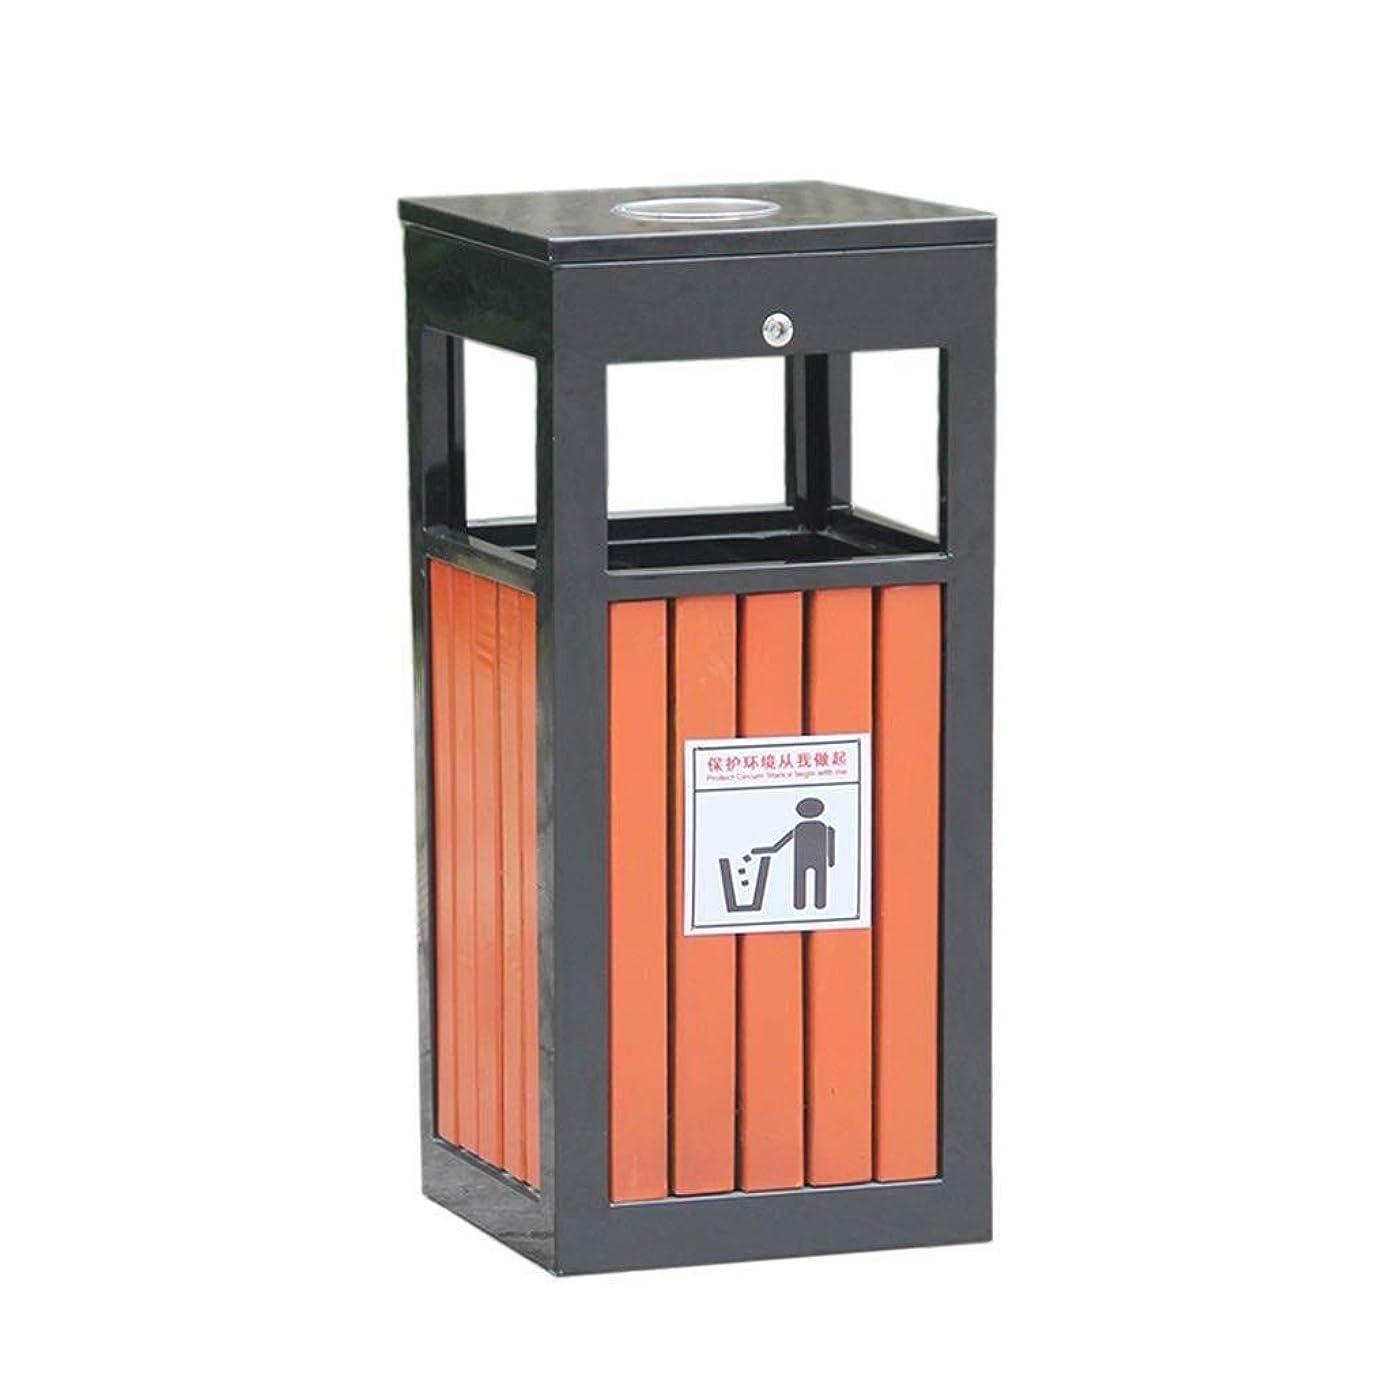 電話する船酔いカエルLTJIUZ ゴミ箱環境保護金属製のゴミ箱産業収納ストリートスクエアコミュニティ屋外スチール木材ゴミ箱フルーツ廃棄物&リサイクル灰皿